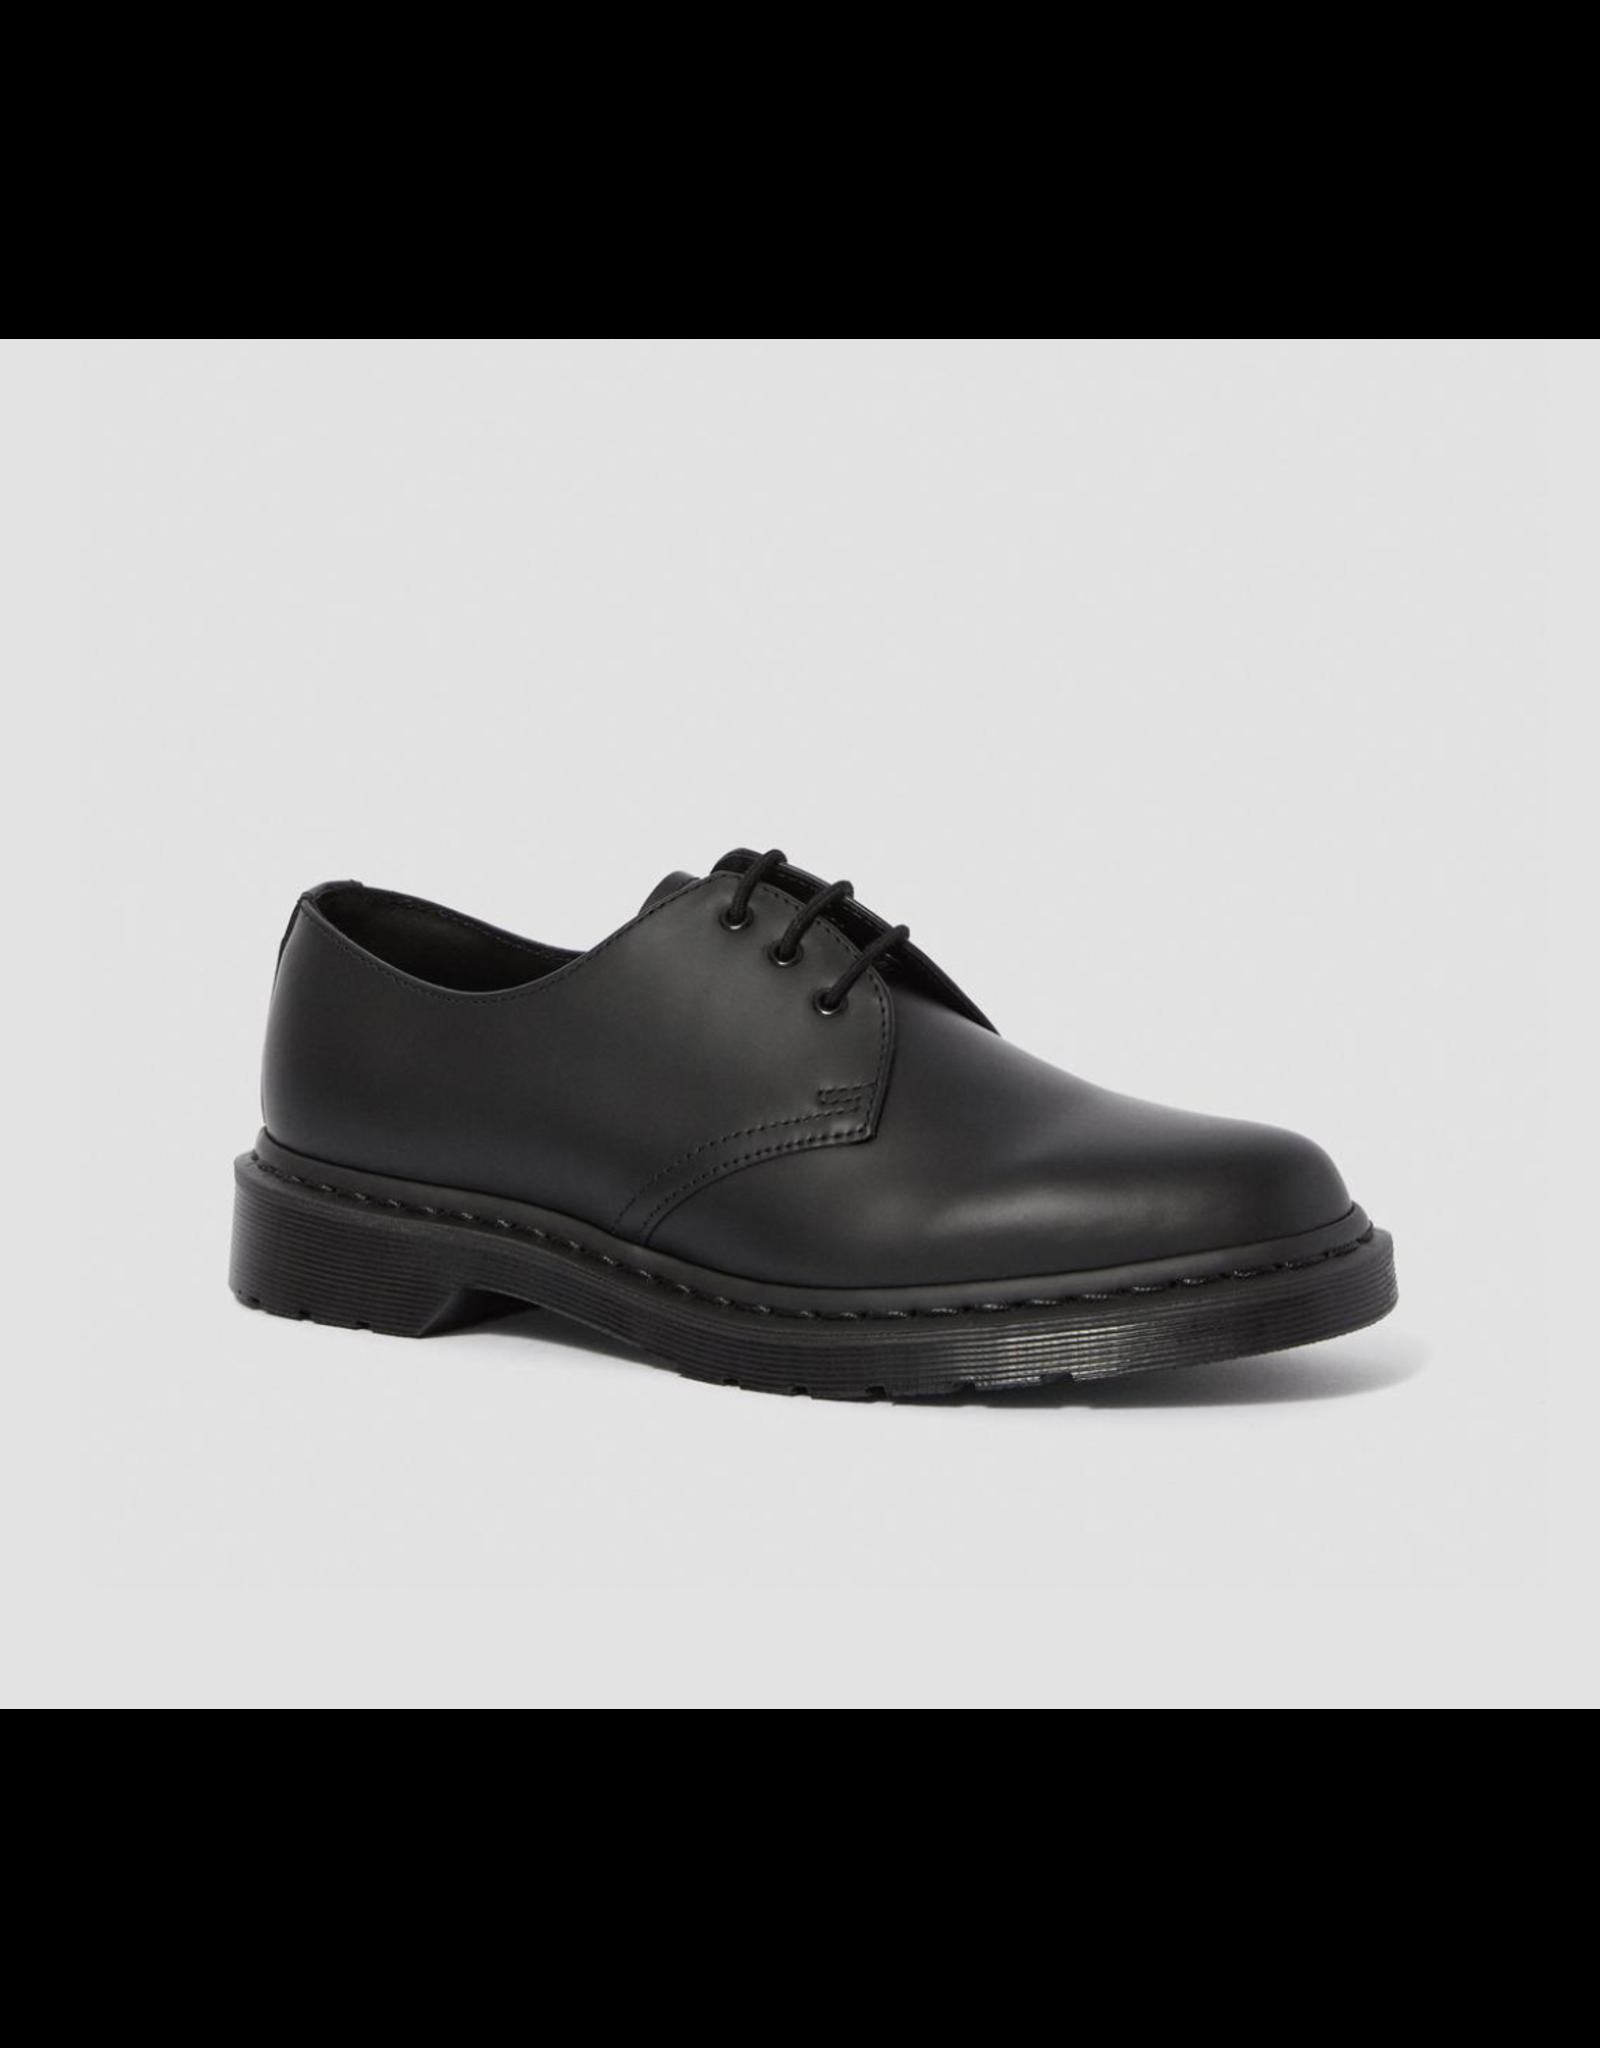 DR. MARTENS 1461 mono black